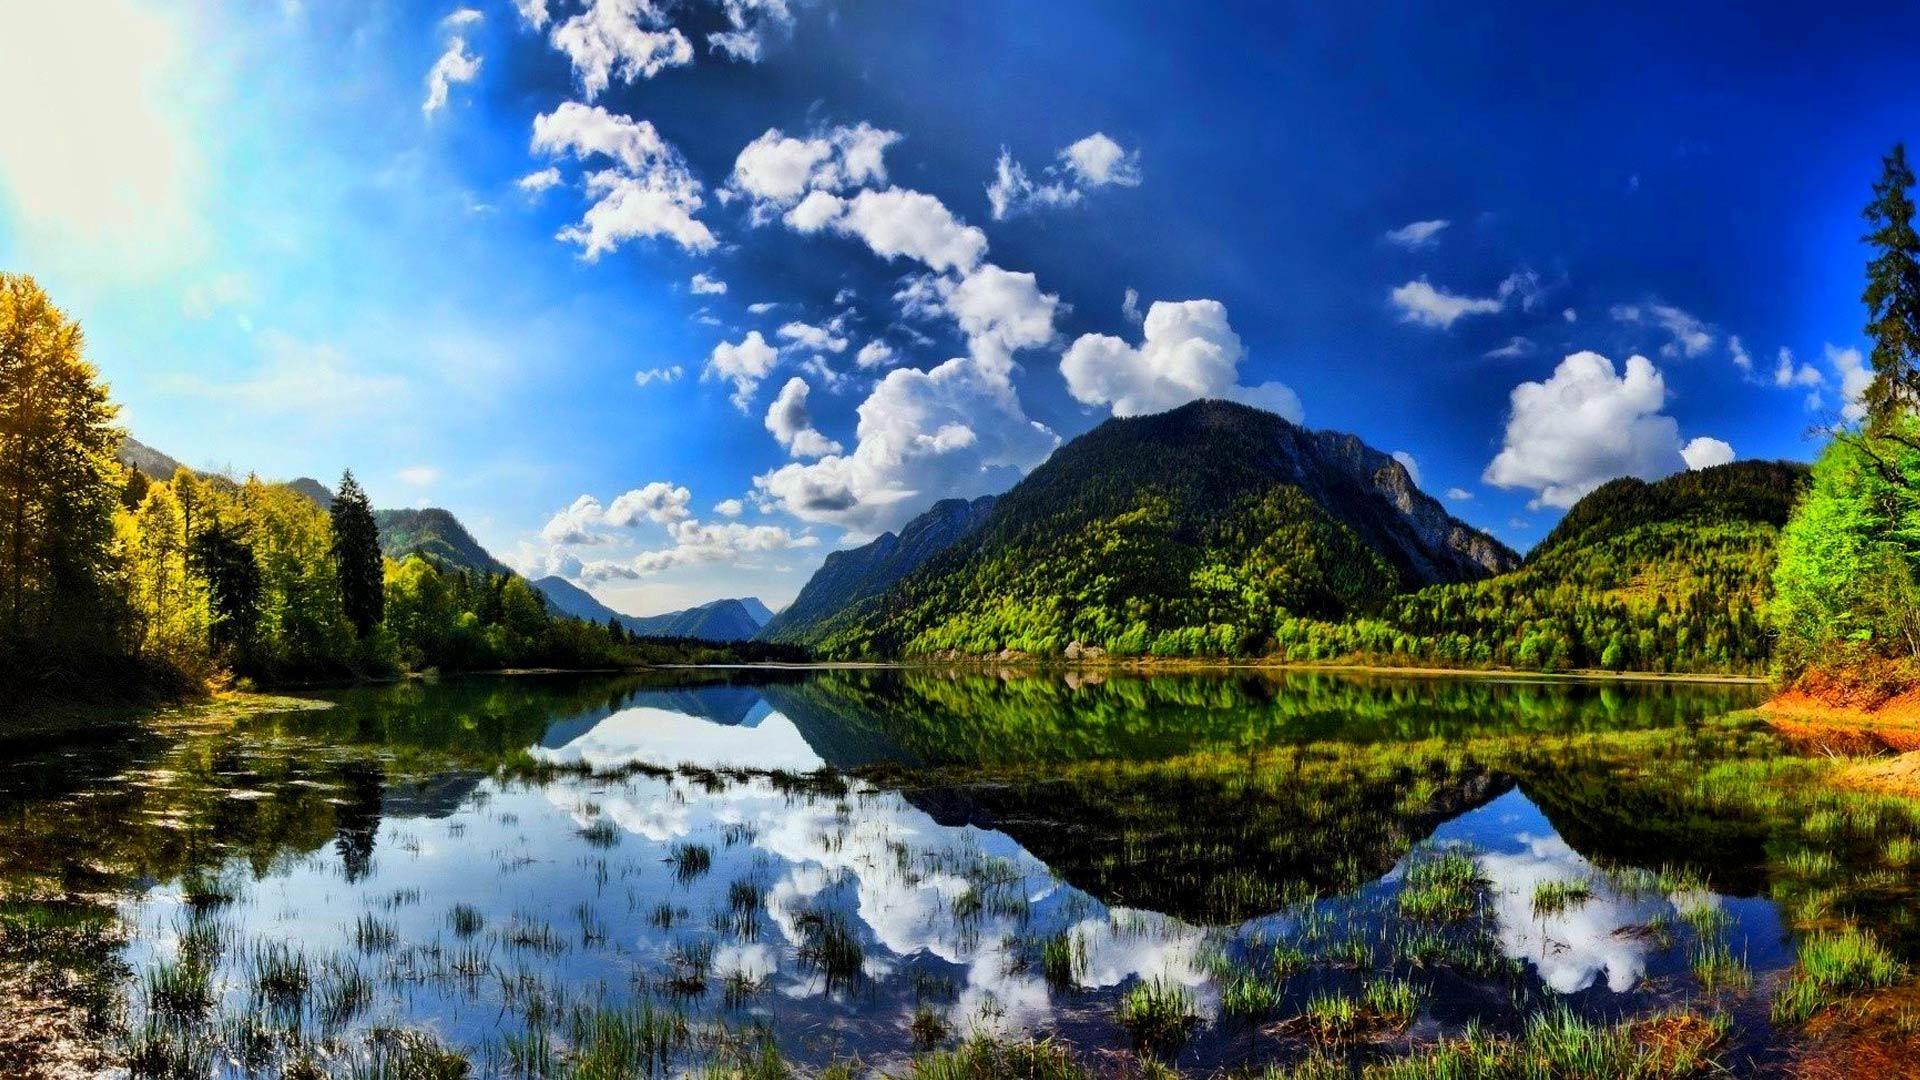 1080p hd mountain wallpaper wallpapersafari for Full hd 1080p wallpapers